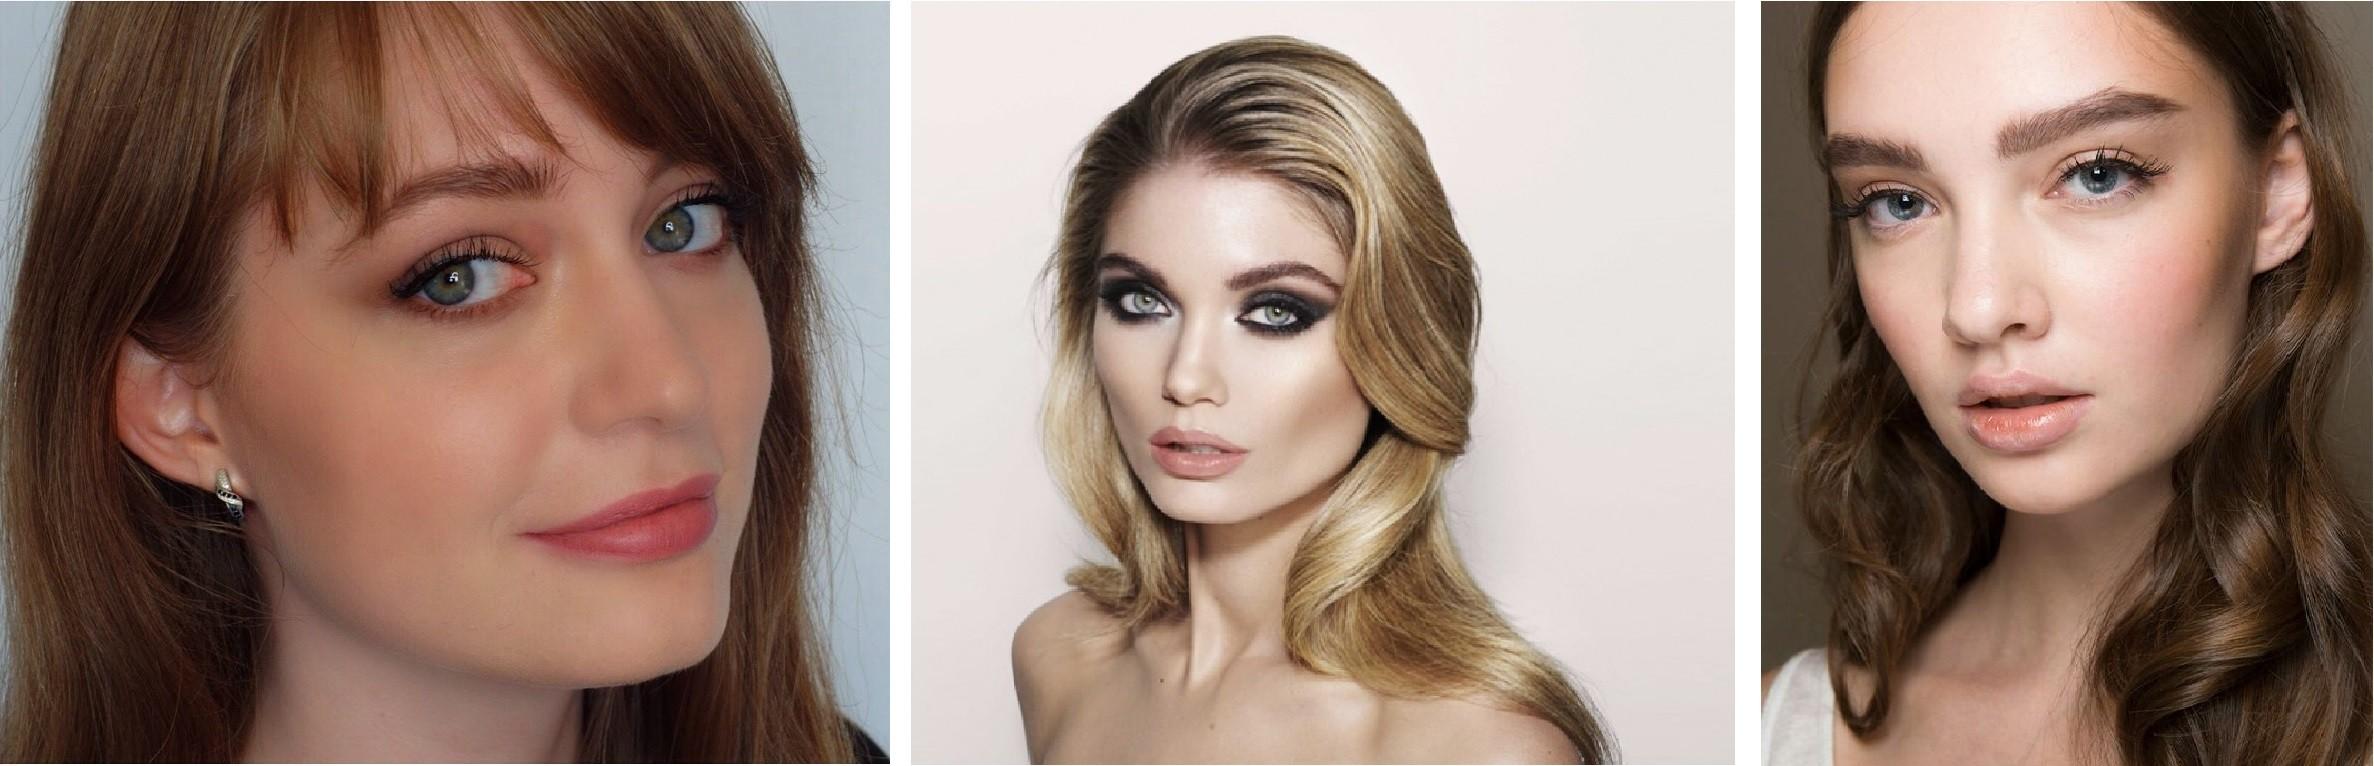 Примеры макияжа в стиле 90-х годов